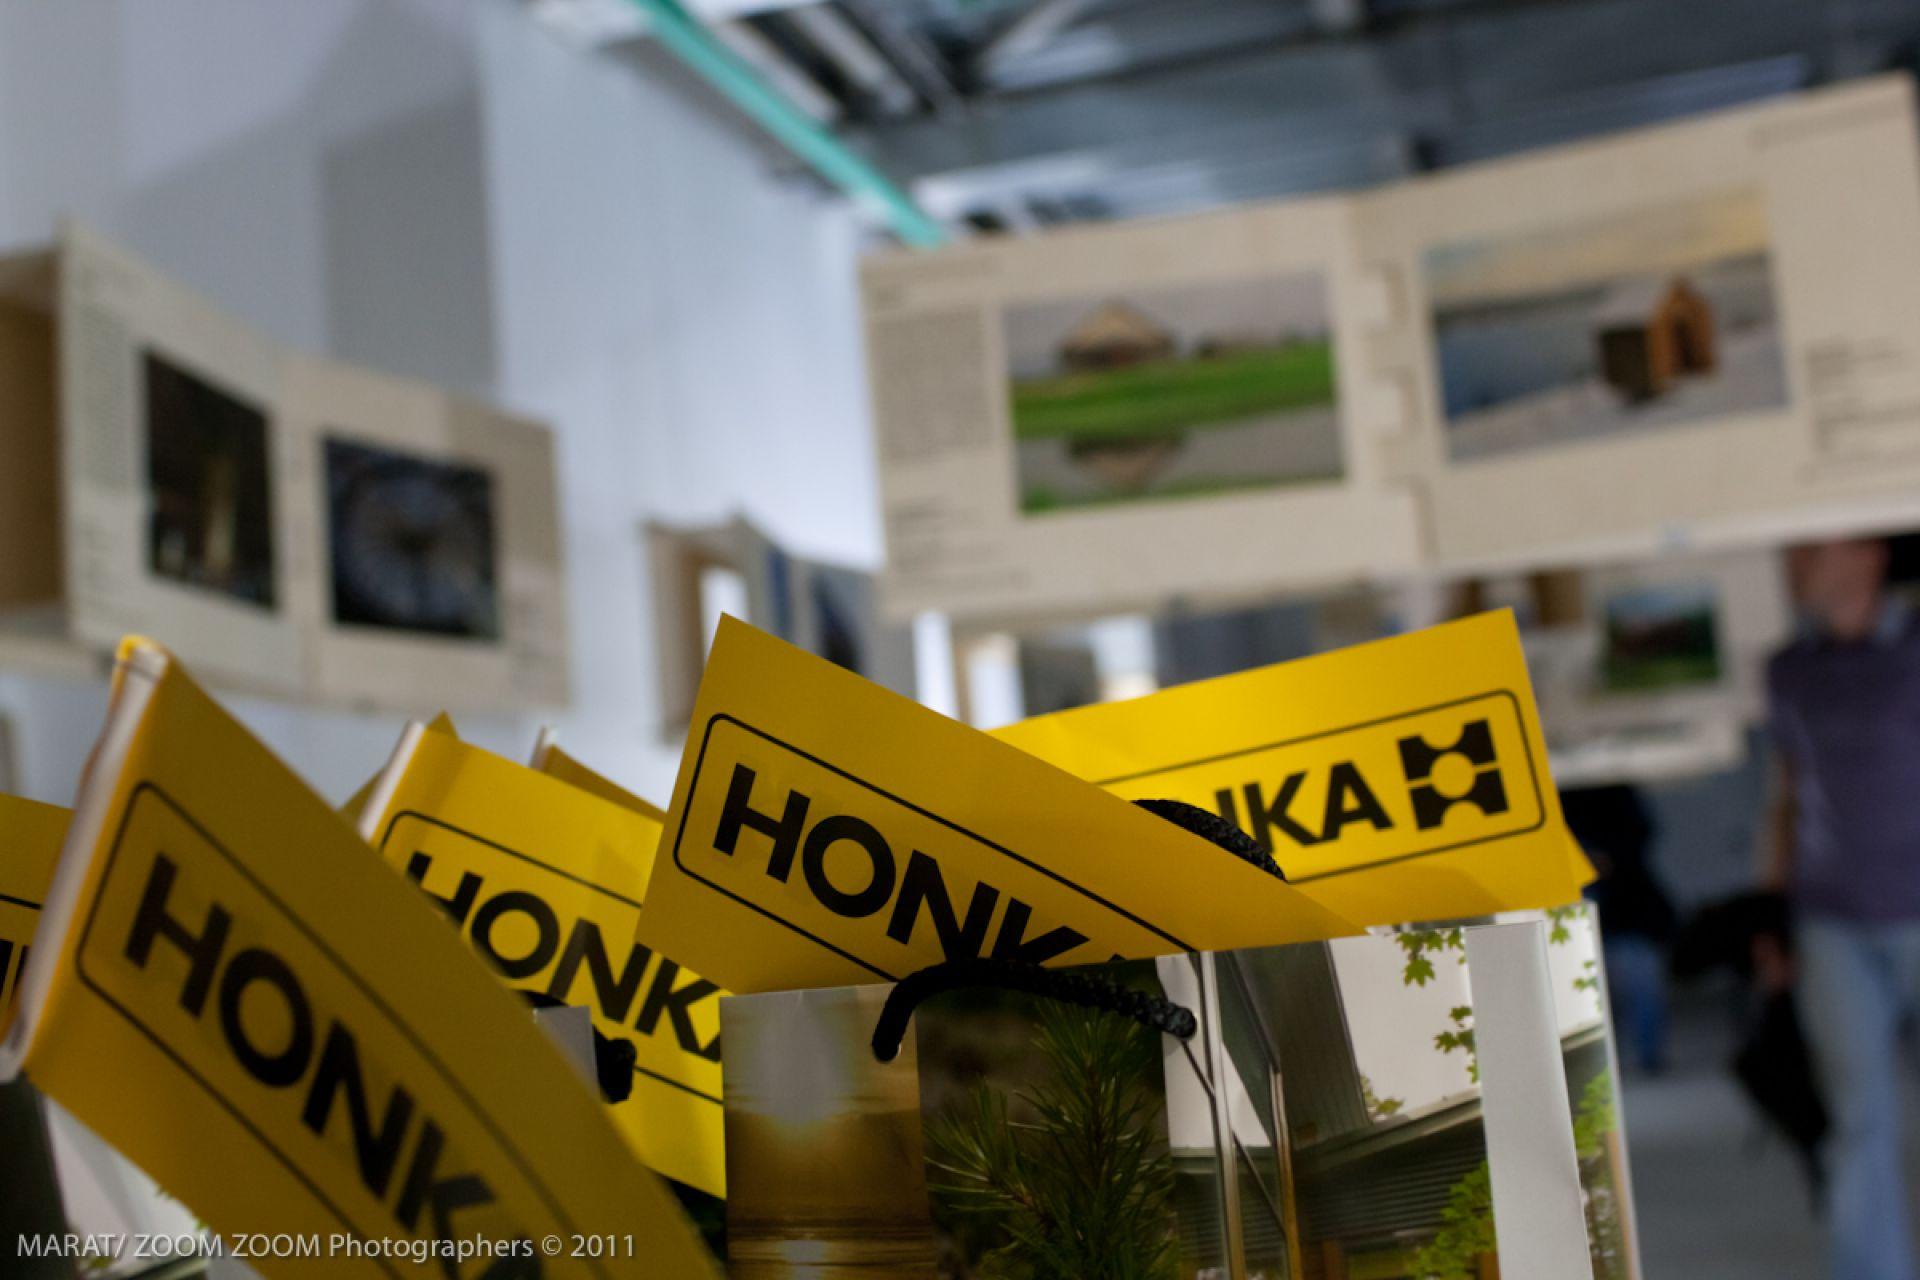 В Екатеринбурге открыты две выставки проекта АРХИWOOD